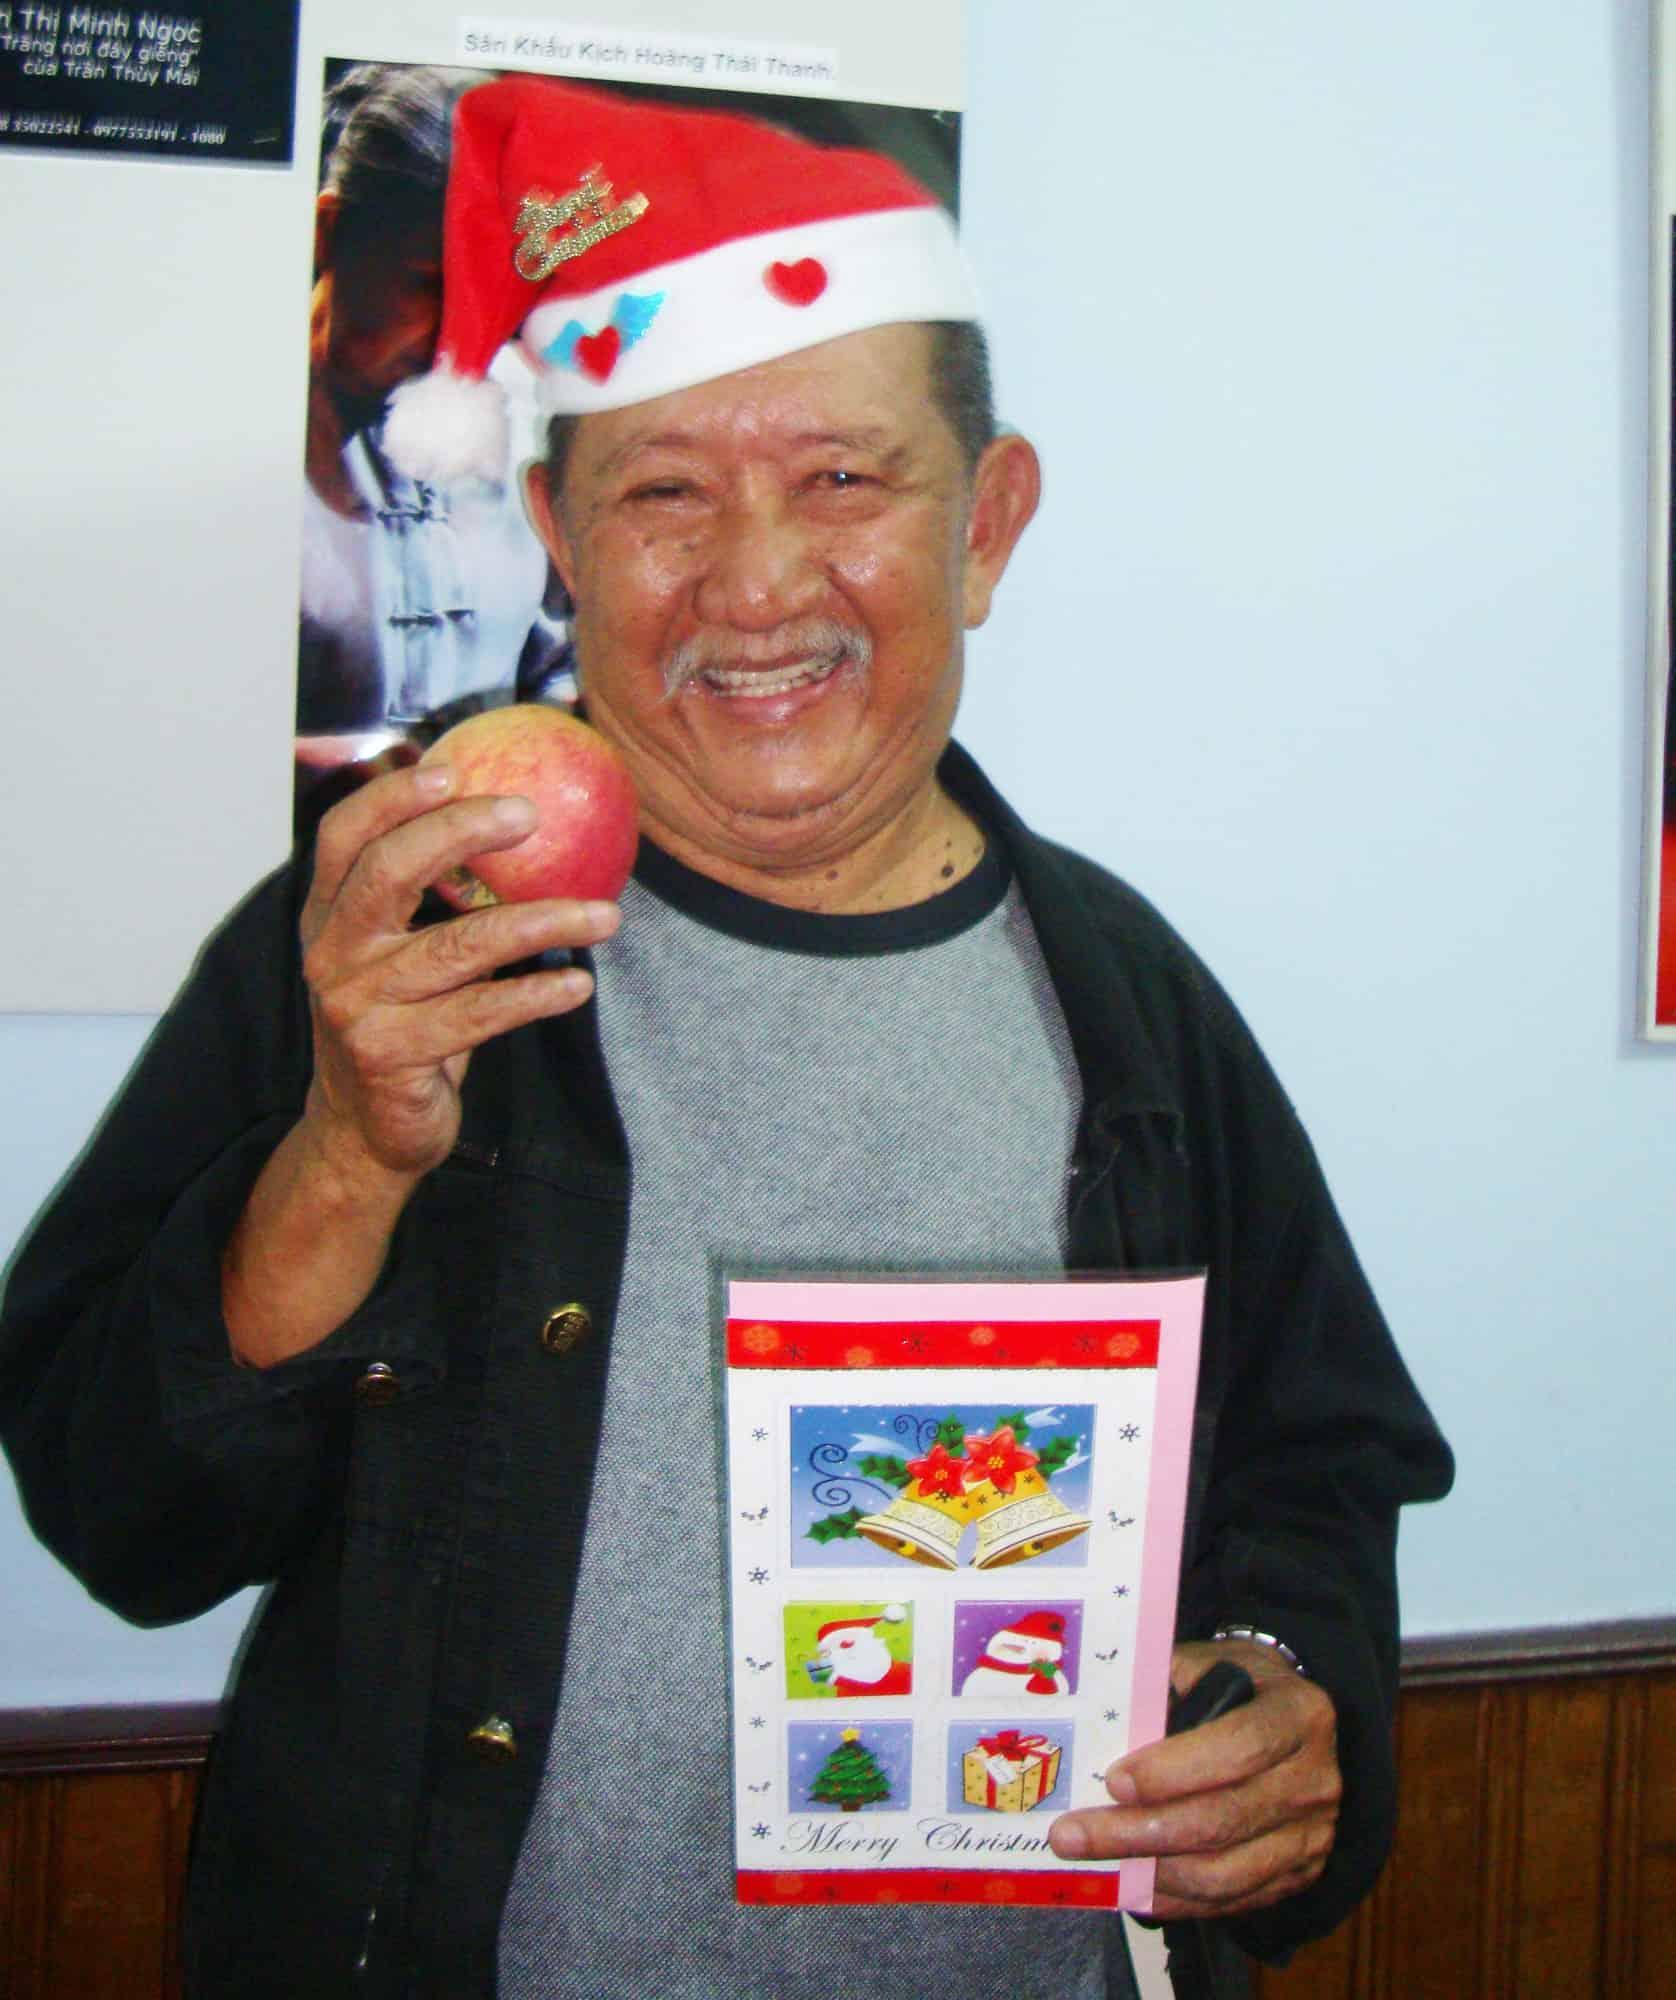 NSND Ngọc Giàu, NS Mạc Can, Việt Hương mang niềm vui san sẻ trong mùa Giáng sinh - Ảnh 6